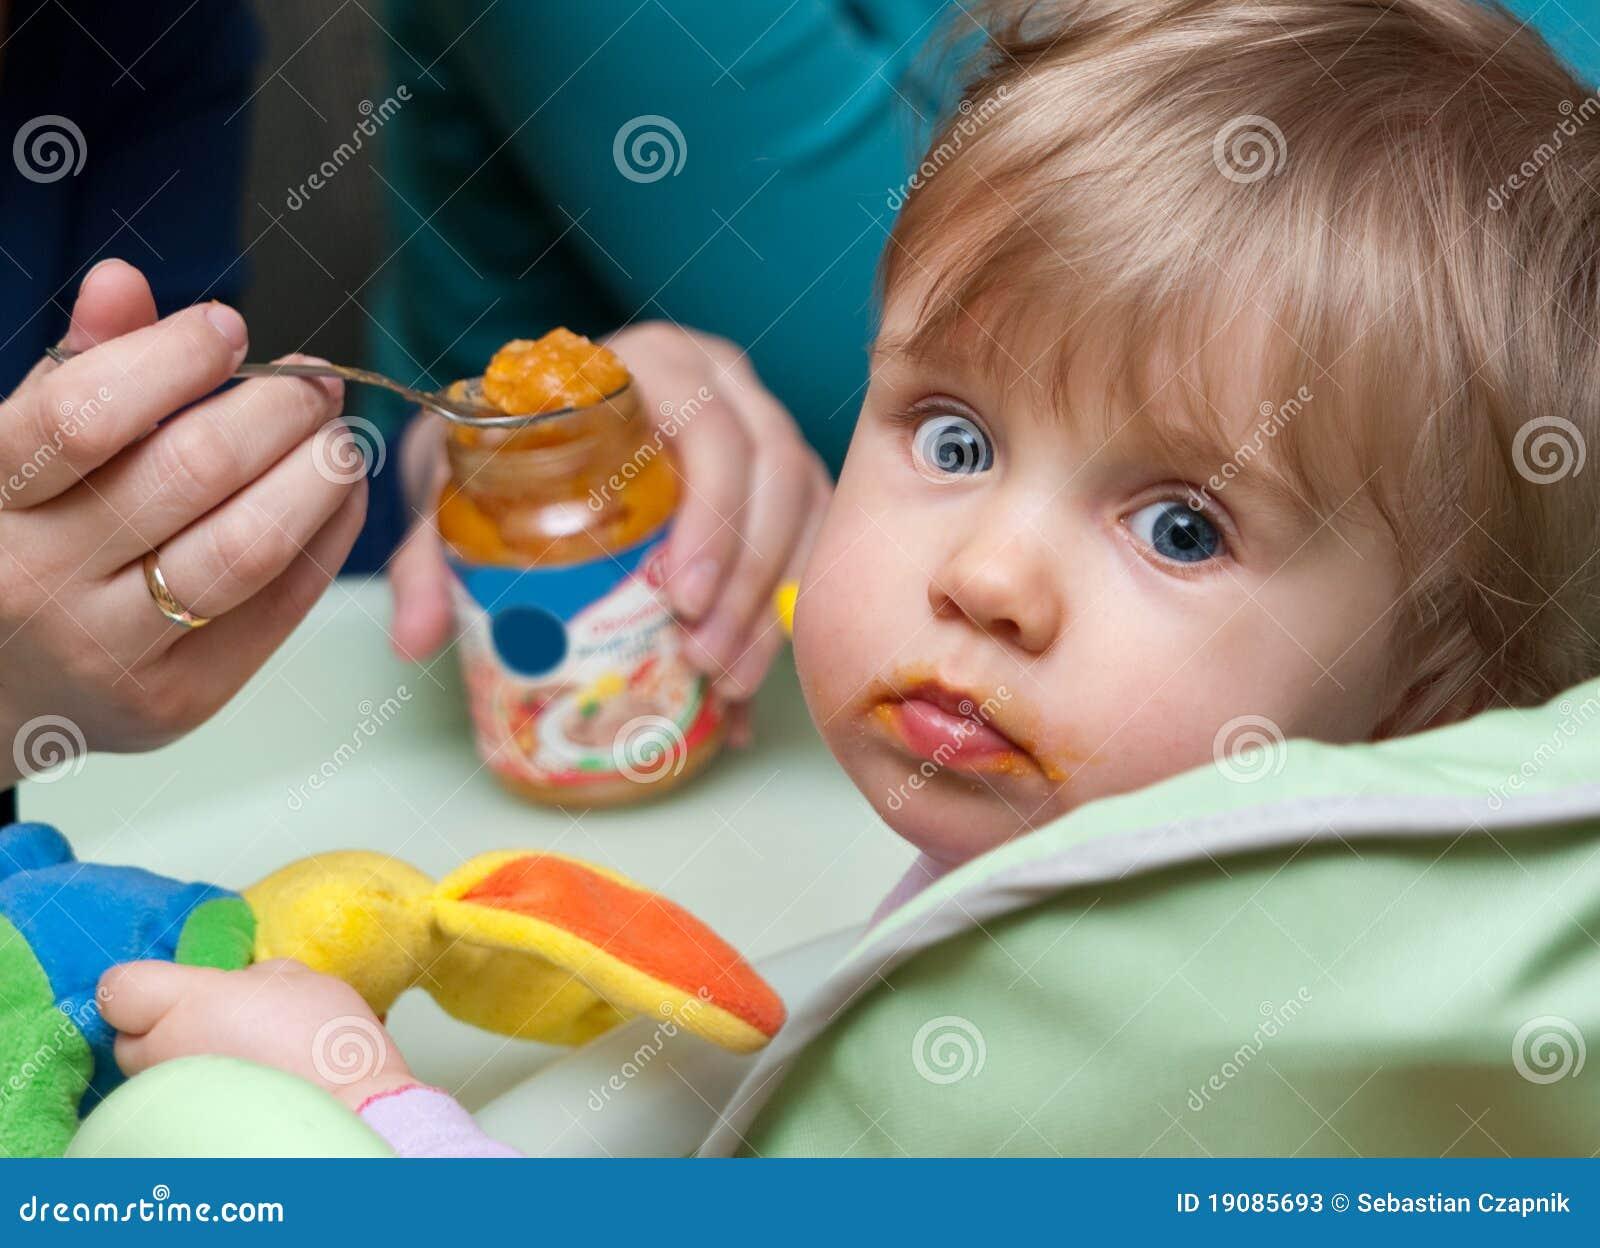 Bébé alimentant de personne